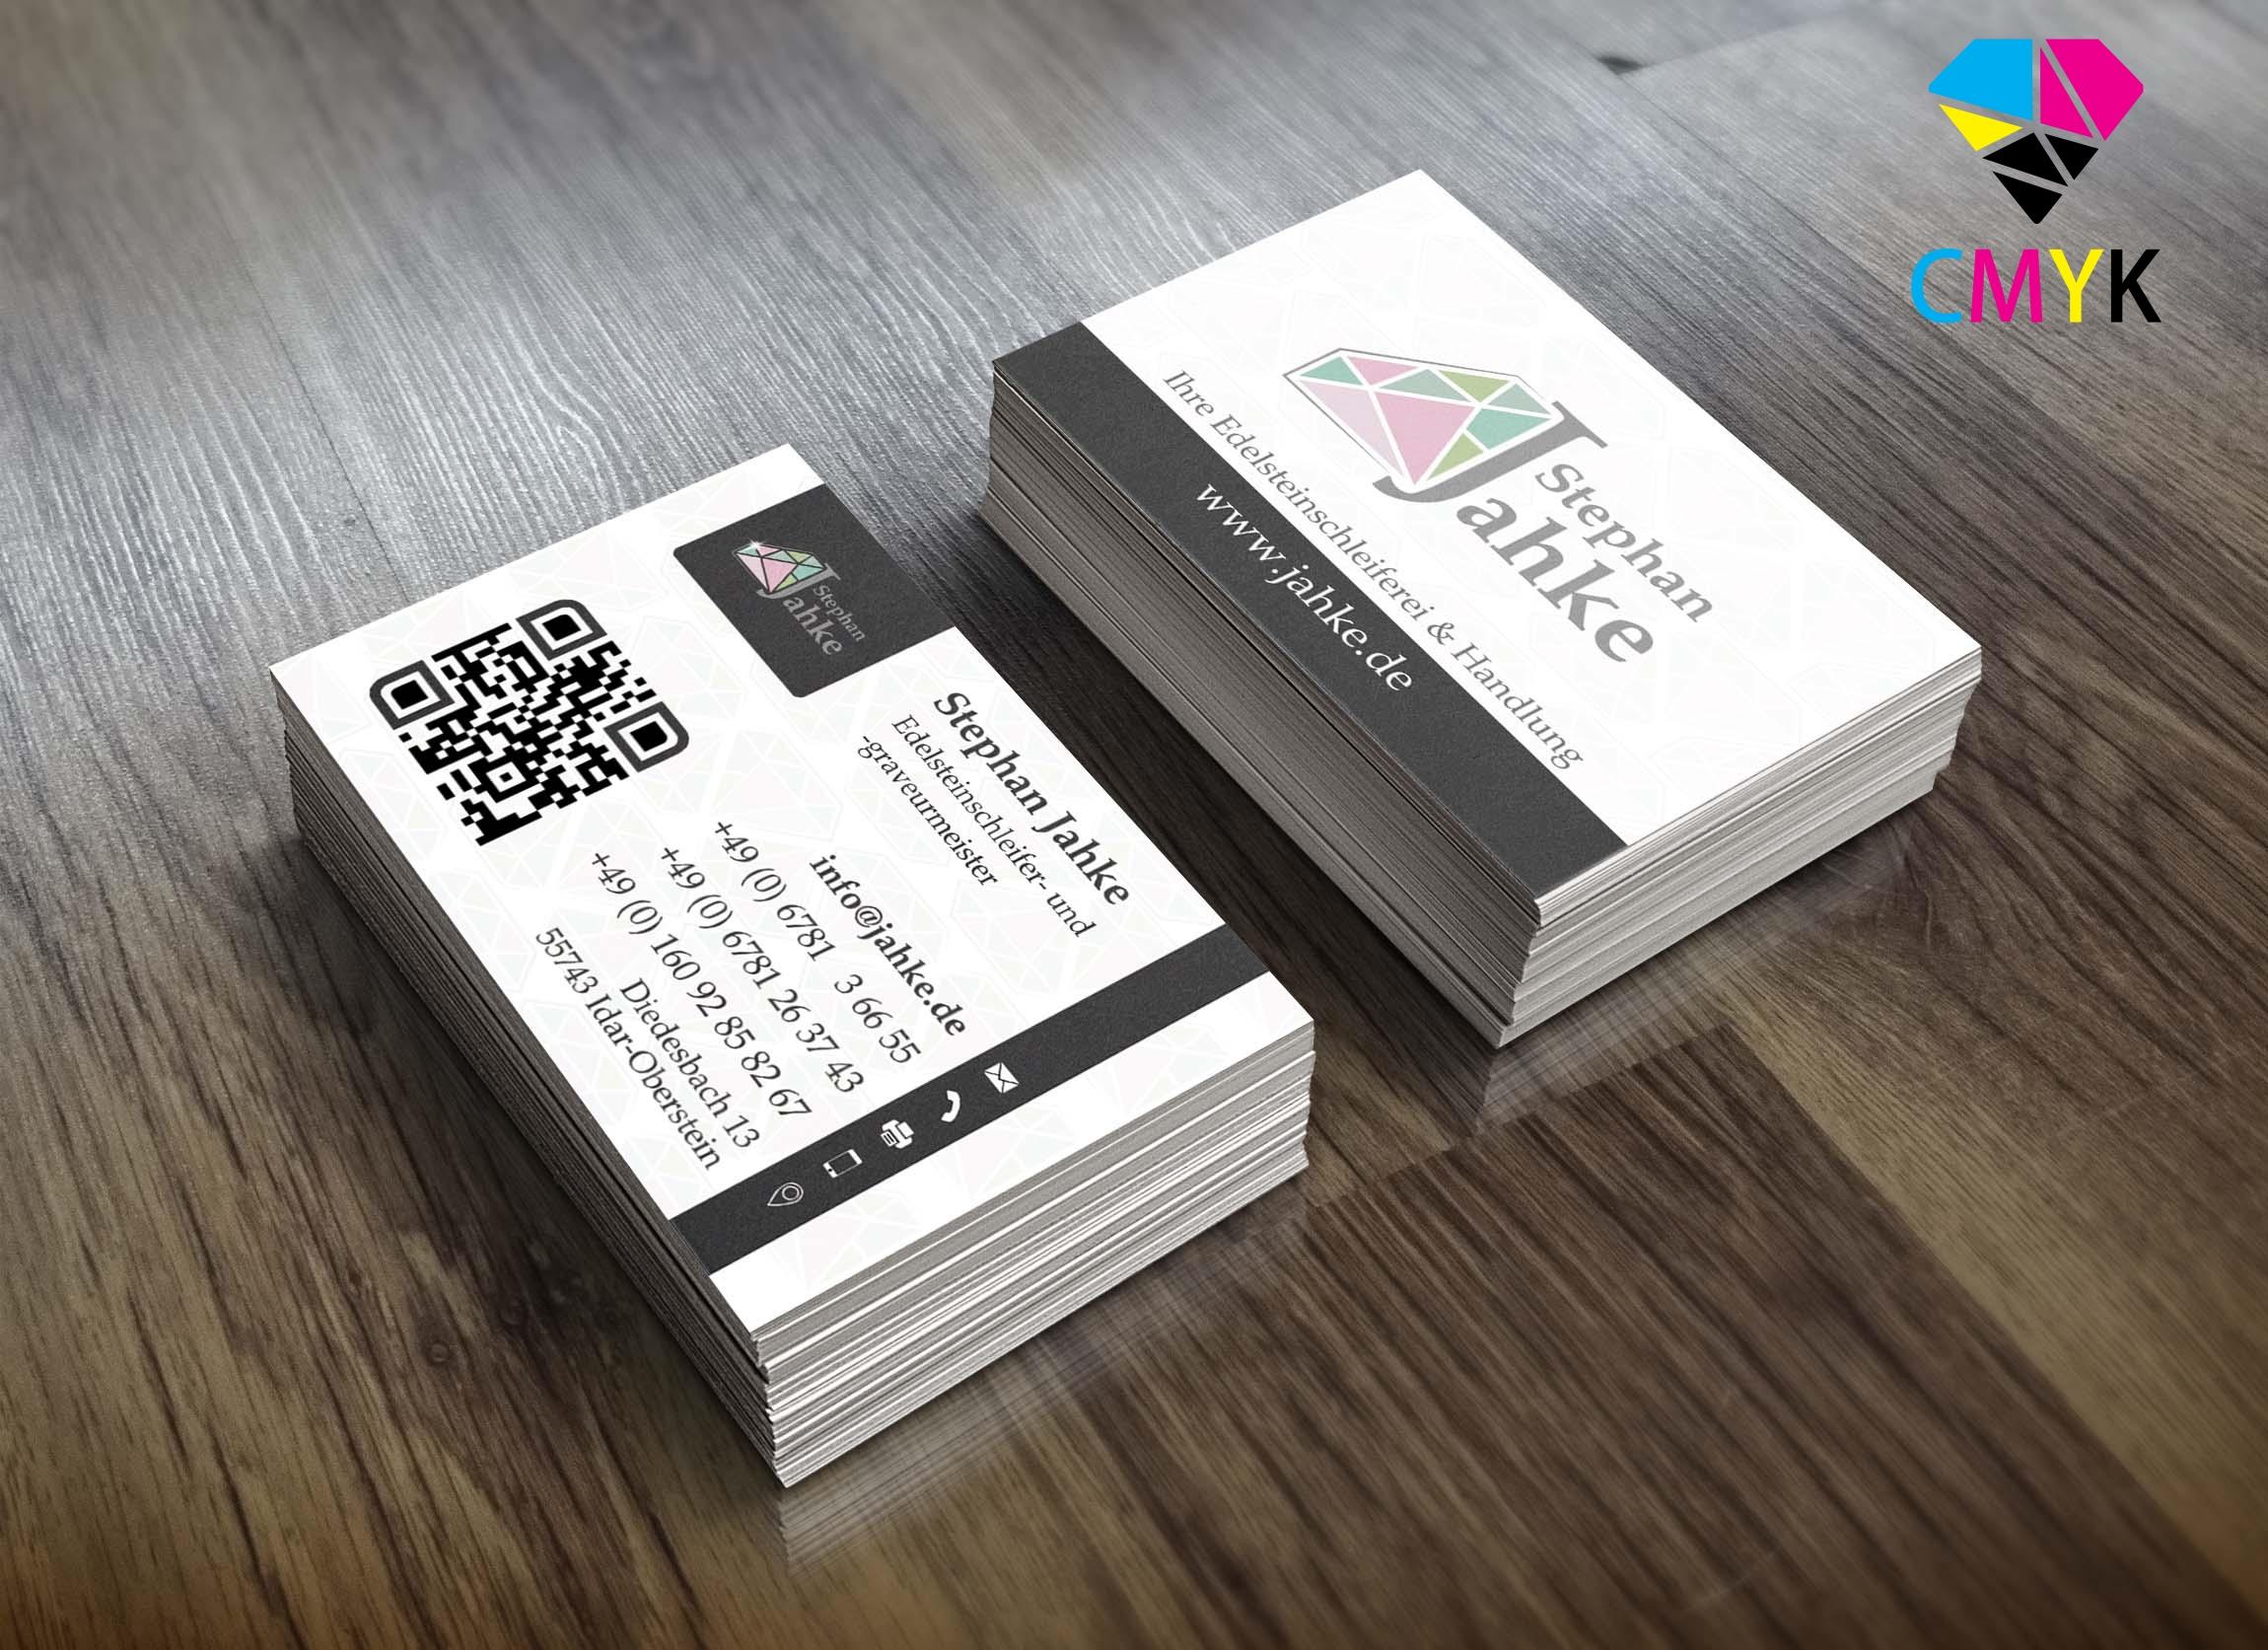 Klassische Visitenkarten 85 X 55 Mm 4 4 Farbig Beidseitiger Druck Drucken